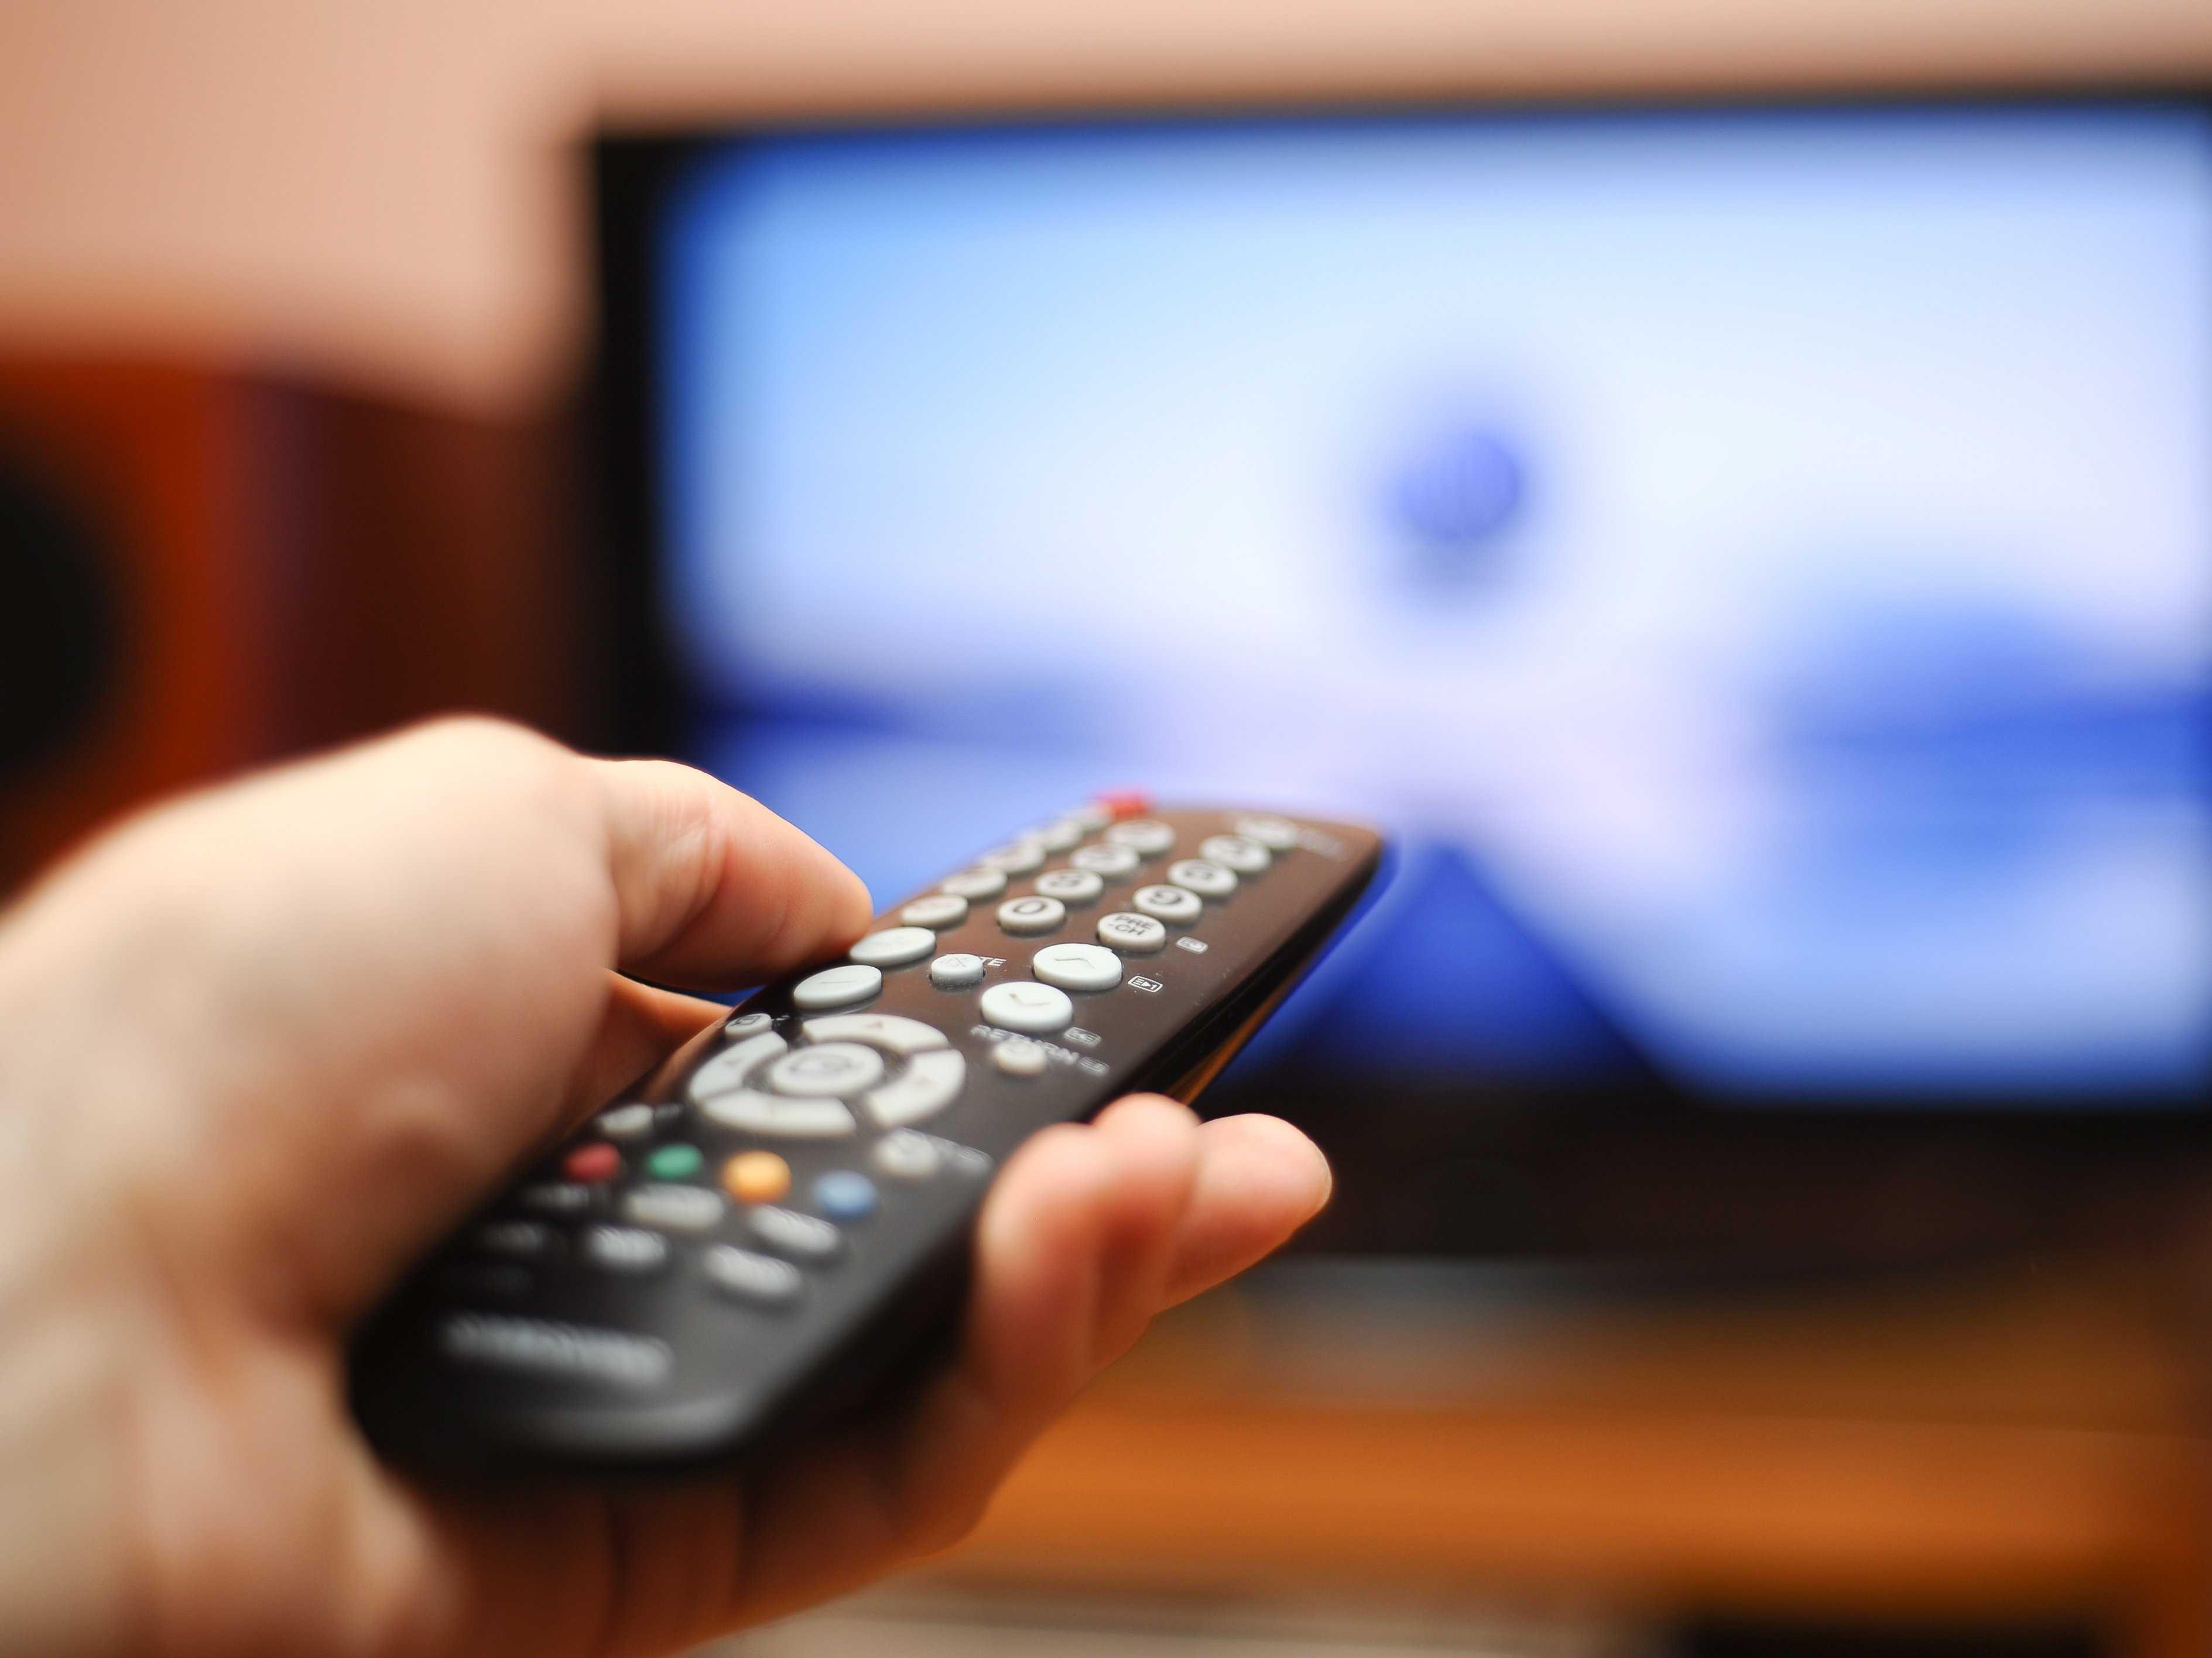 Как смотреть телевизор. Студенты Университета Монклер подвергают критическому анализу то, как мы смо